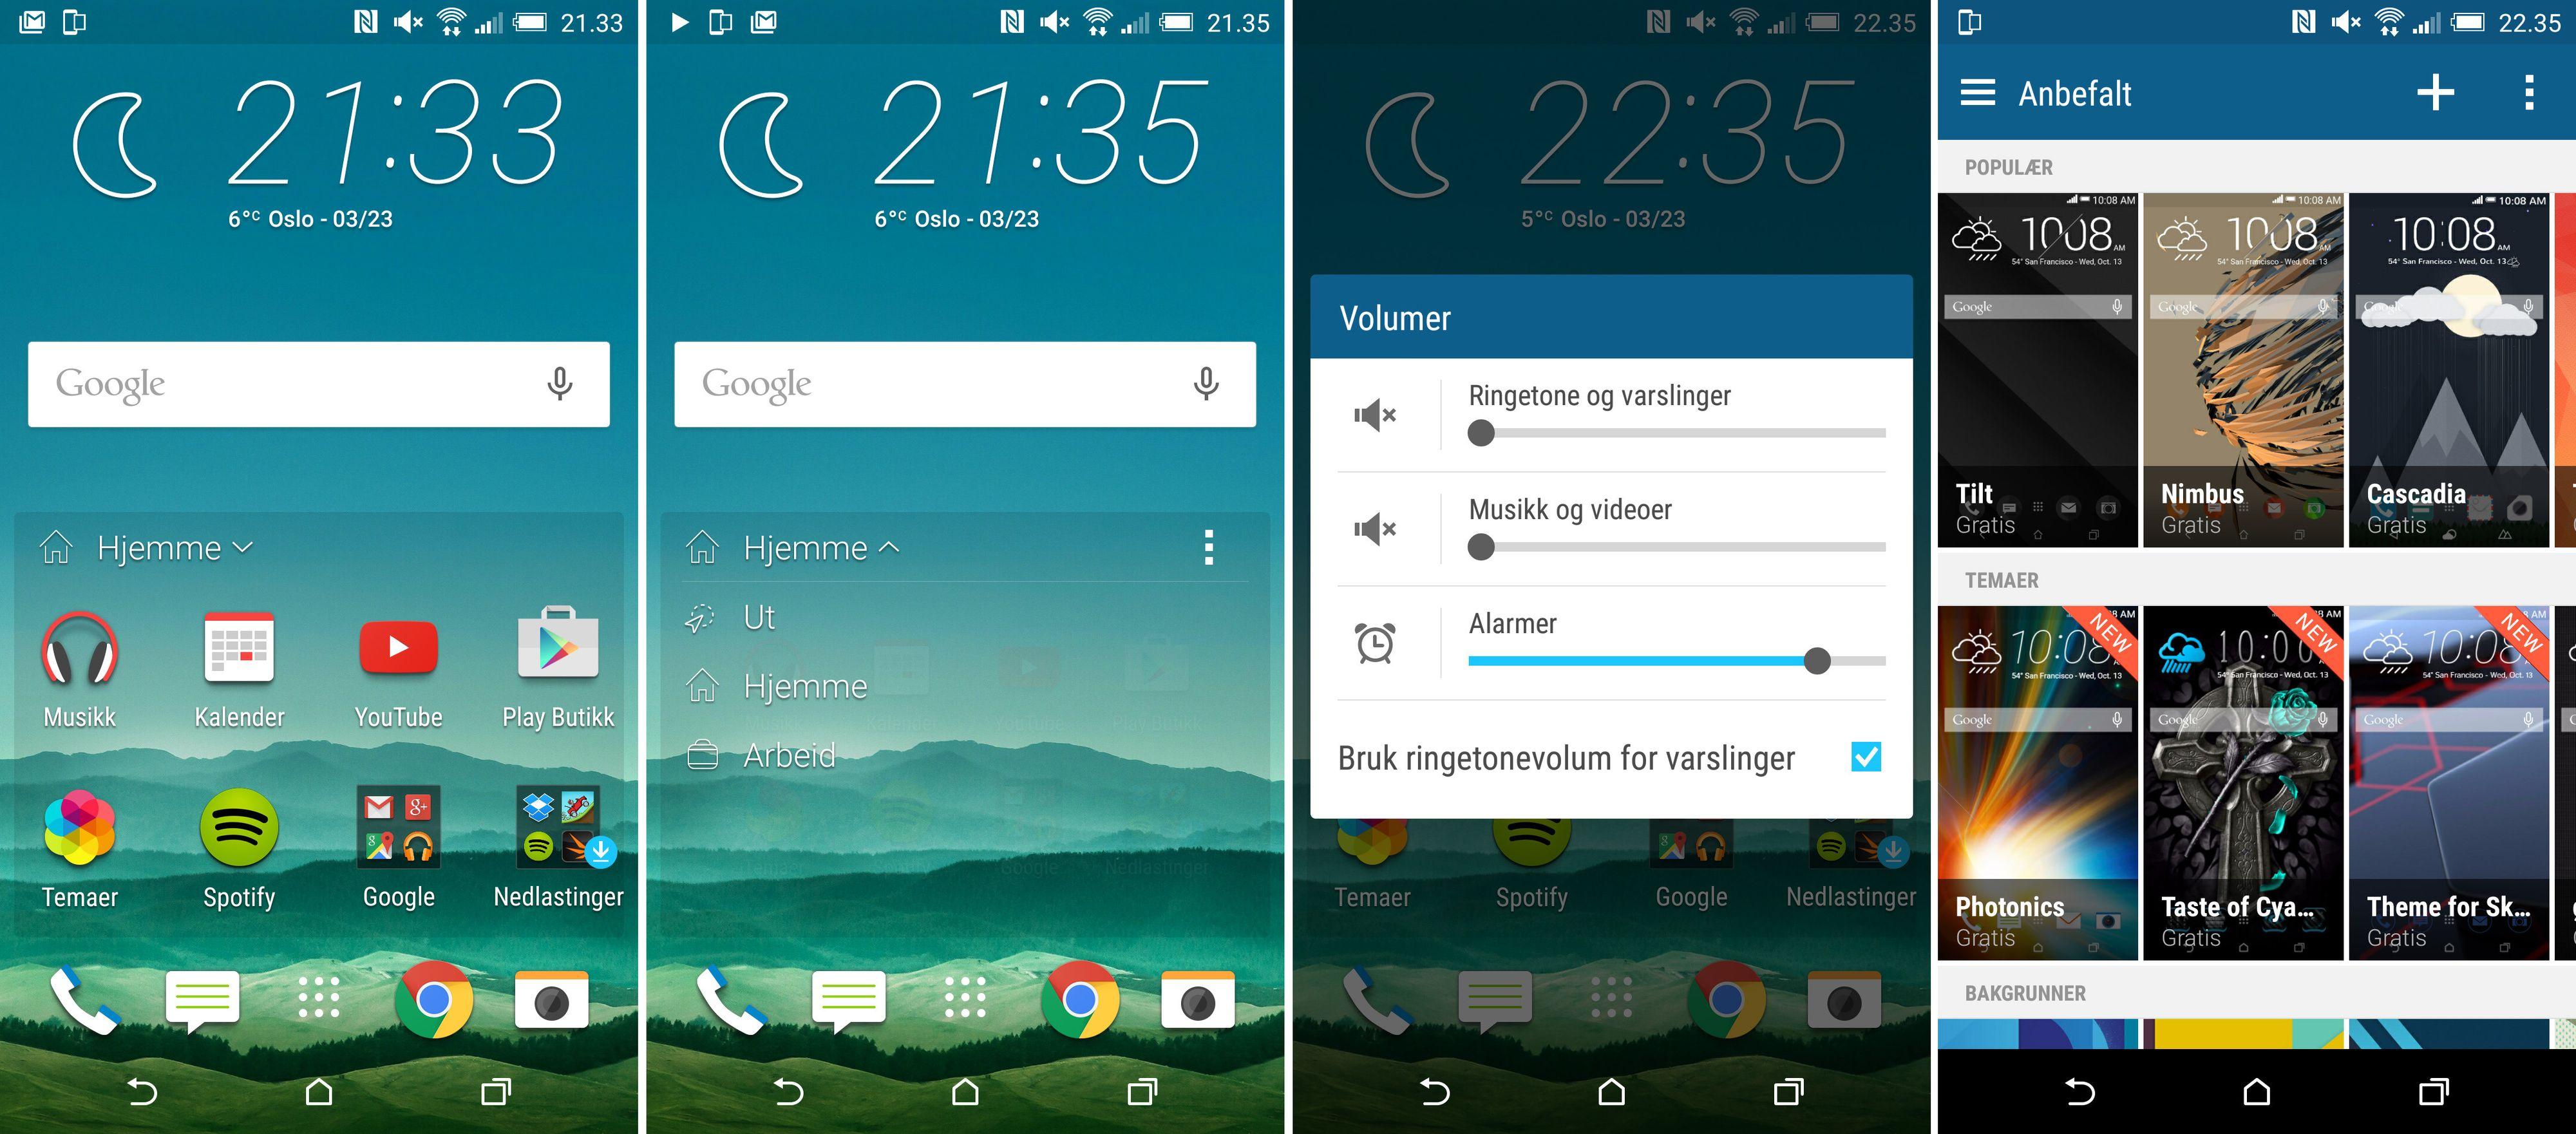 De nye hjemmeskjermene kan foreslå ulike apper avhengig av hvor du er. Legg dessuten merke til at HTC One M9 har den gode gamle stillemodusen som ren Android ikke lenger støtter. Foto: Finn Jarle Kvalheim, Tek.no